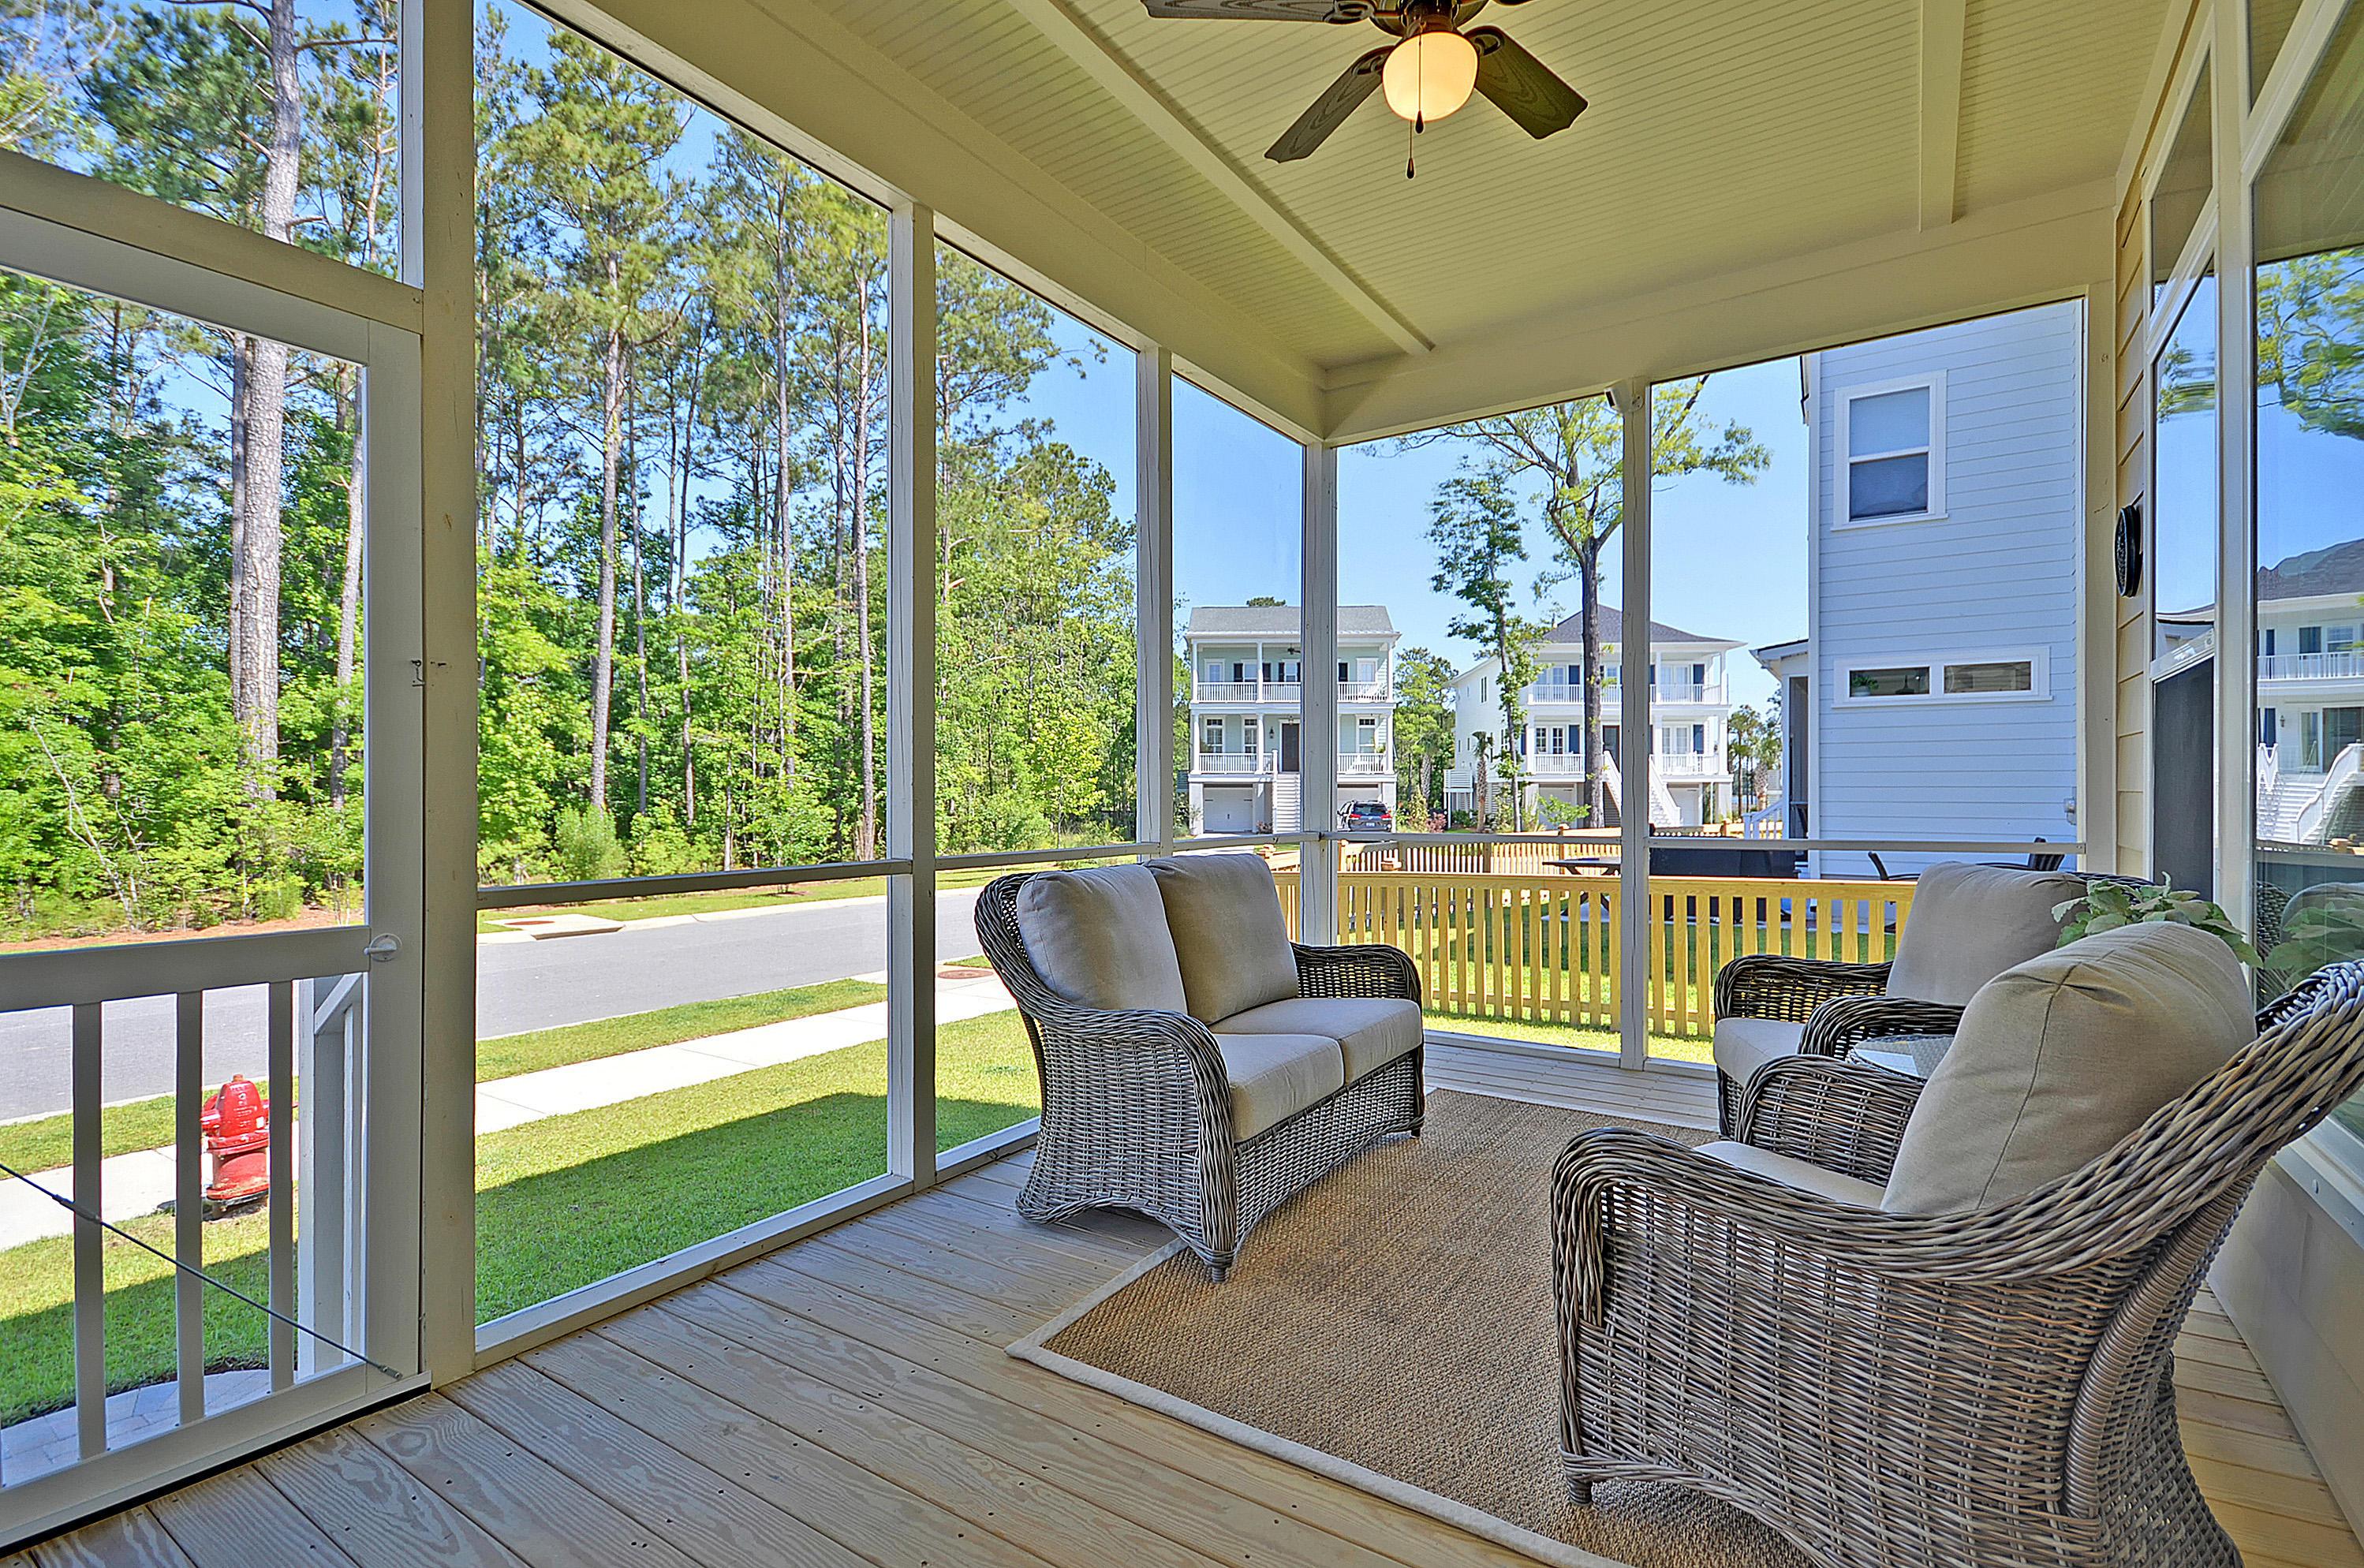 Dunes West Homes For Sale - 2927 Eddy, Mount Pleasant, SC - 54